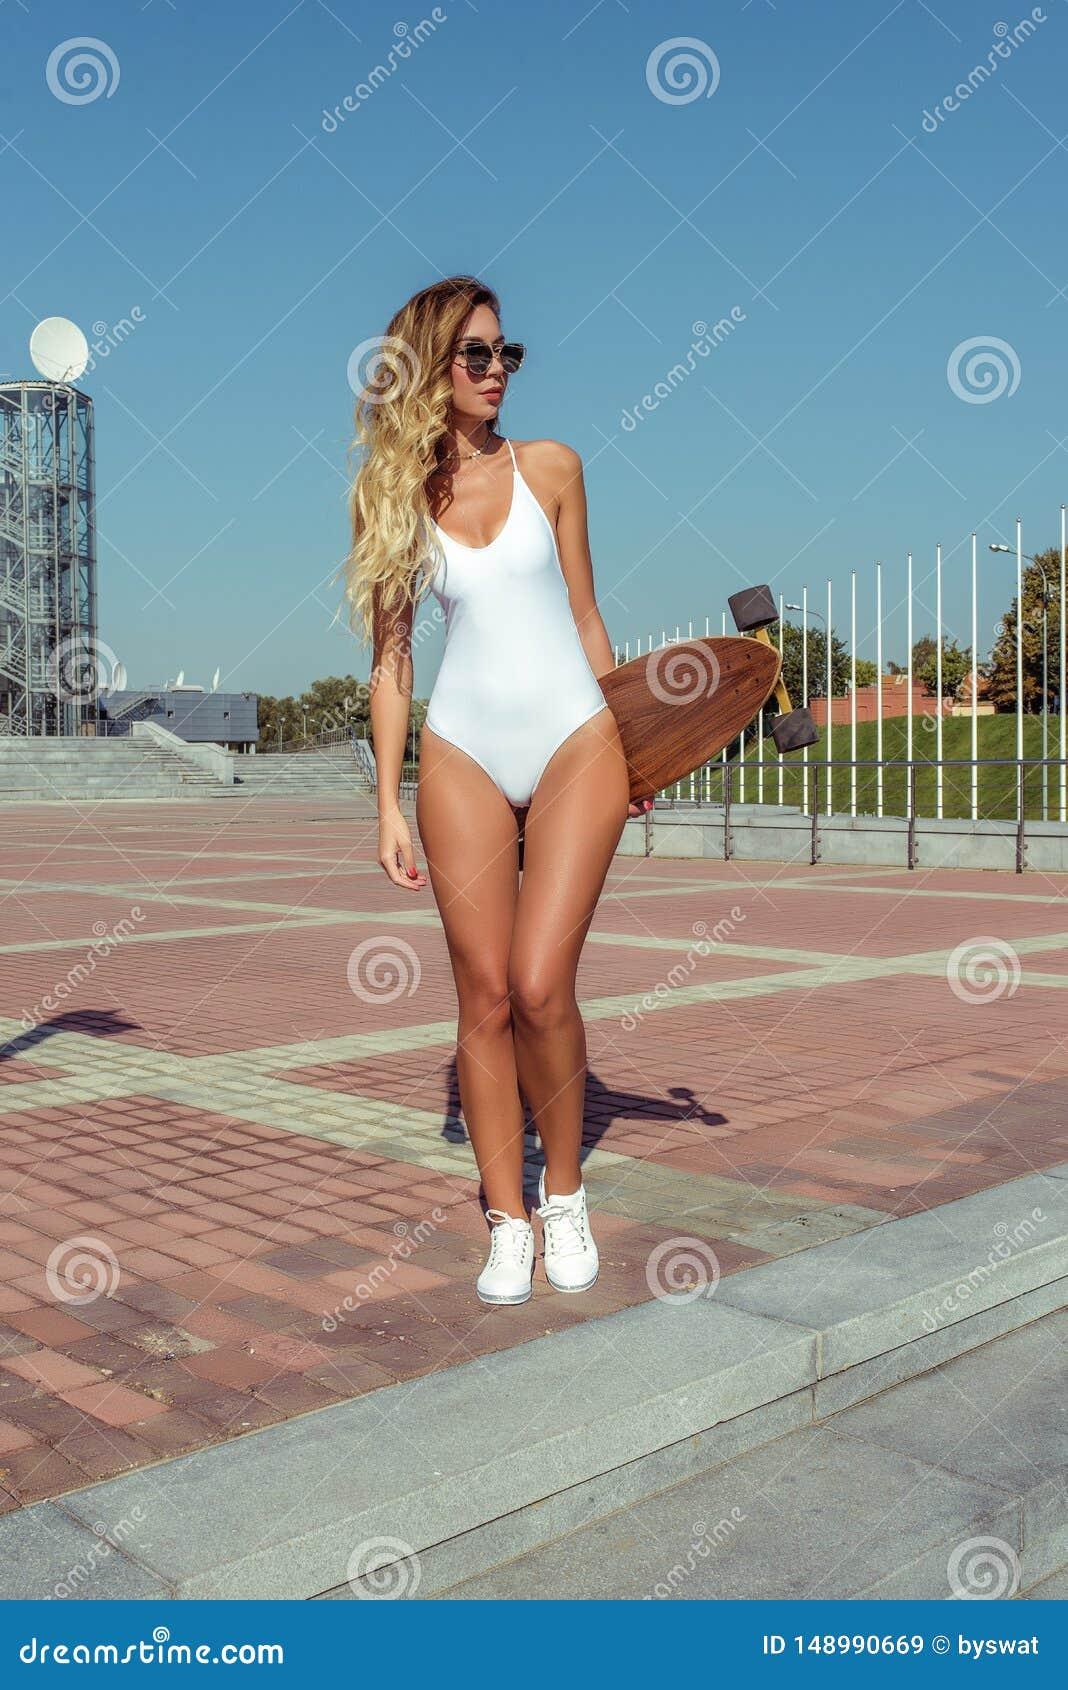 Όμορφη γυναίκα με μακριά μαλλιά, με παραγάδι, κορίτσι καλοκαίρι στην πόλη Αθλητικά παπούτσια με λευκά μαγιό Έννοια